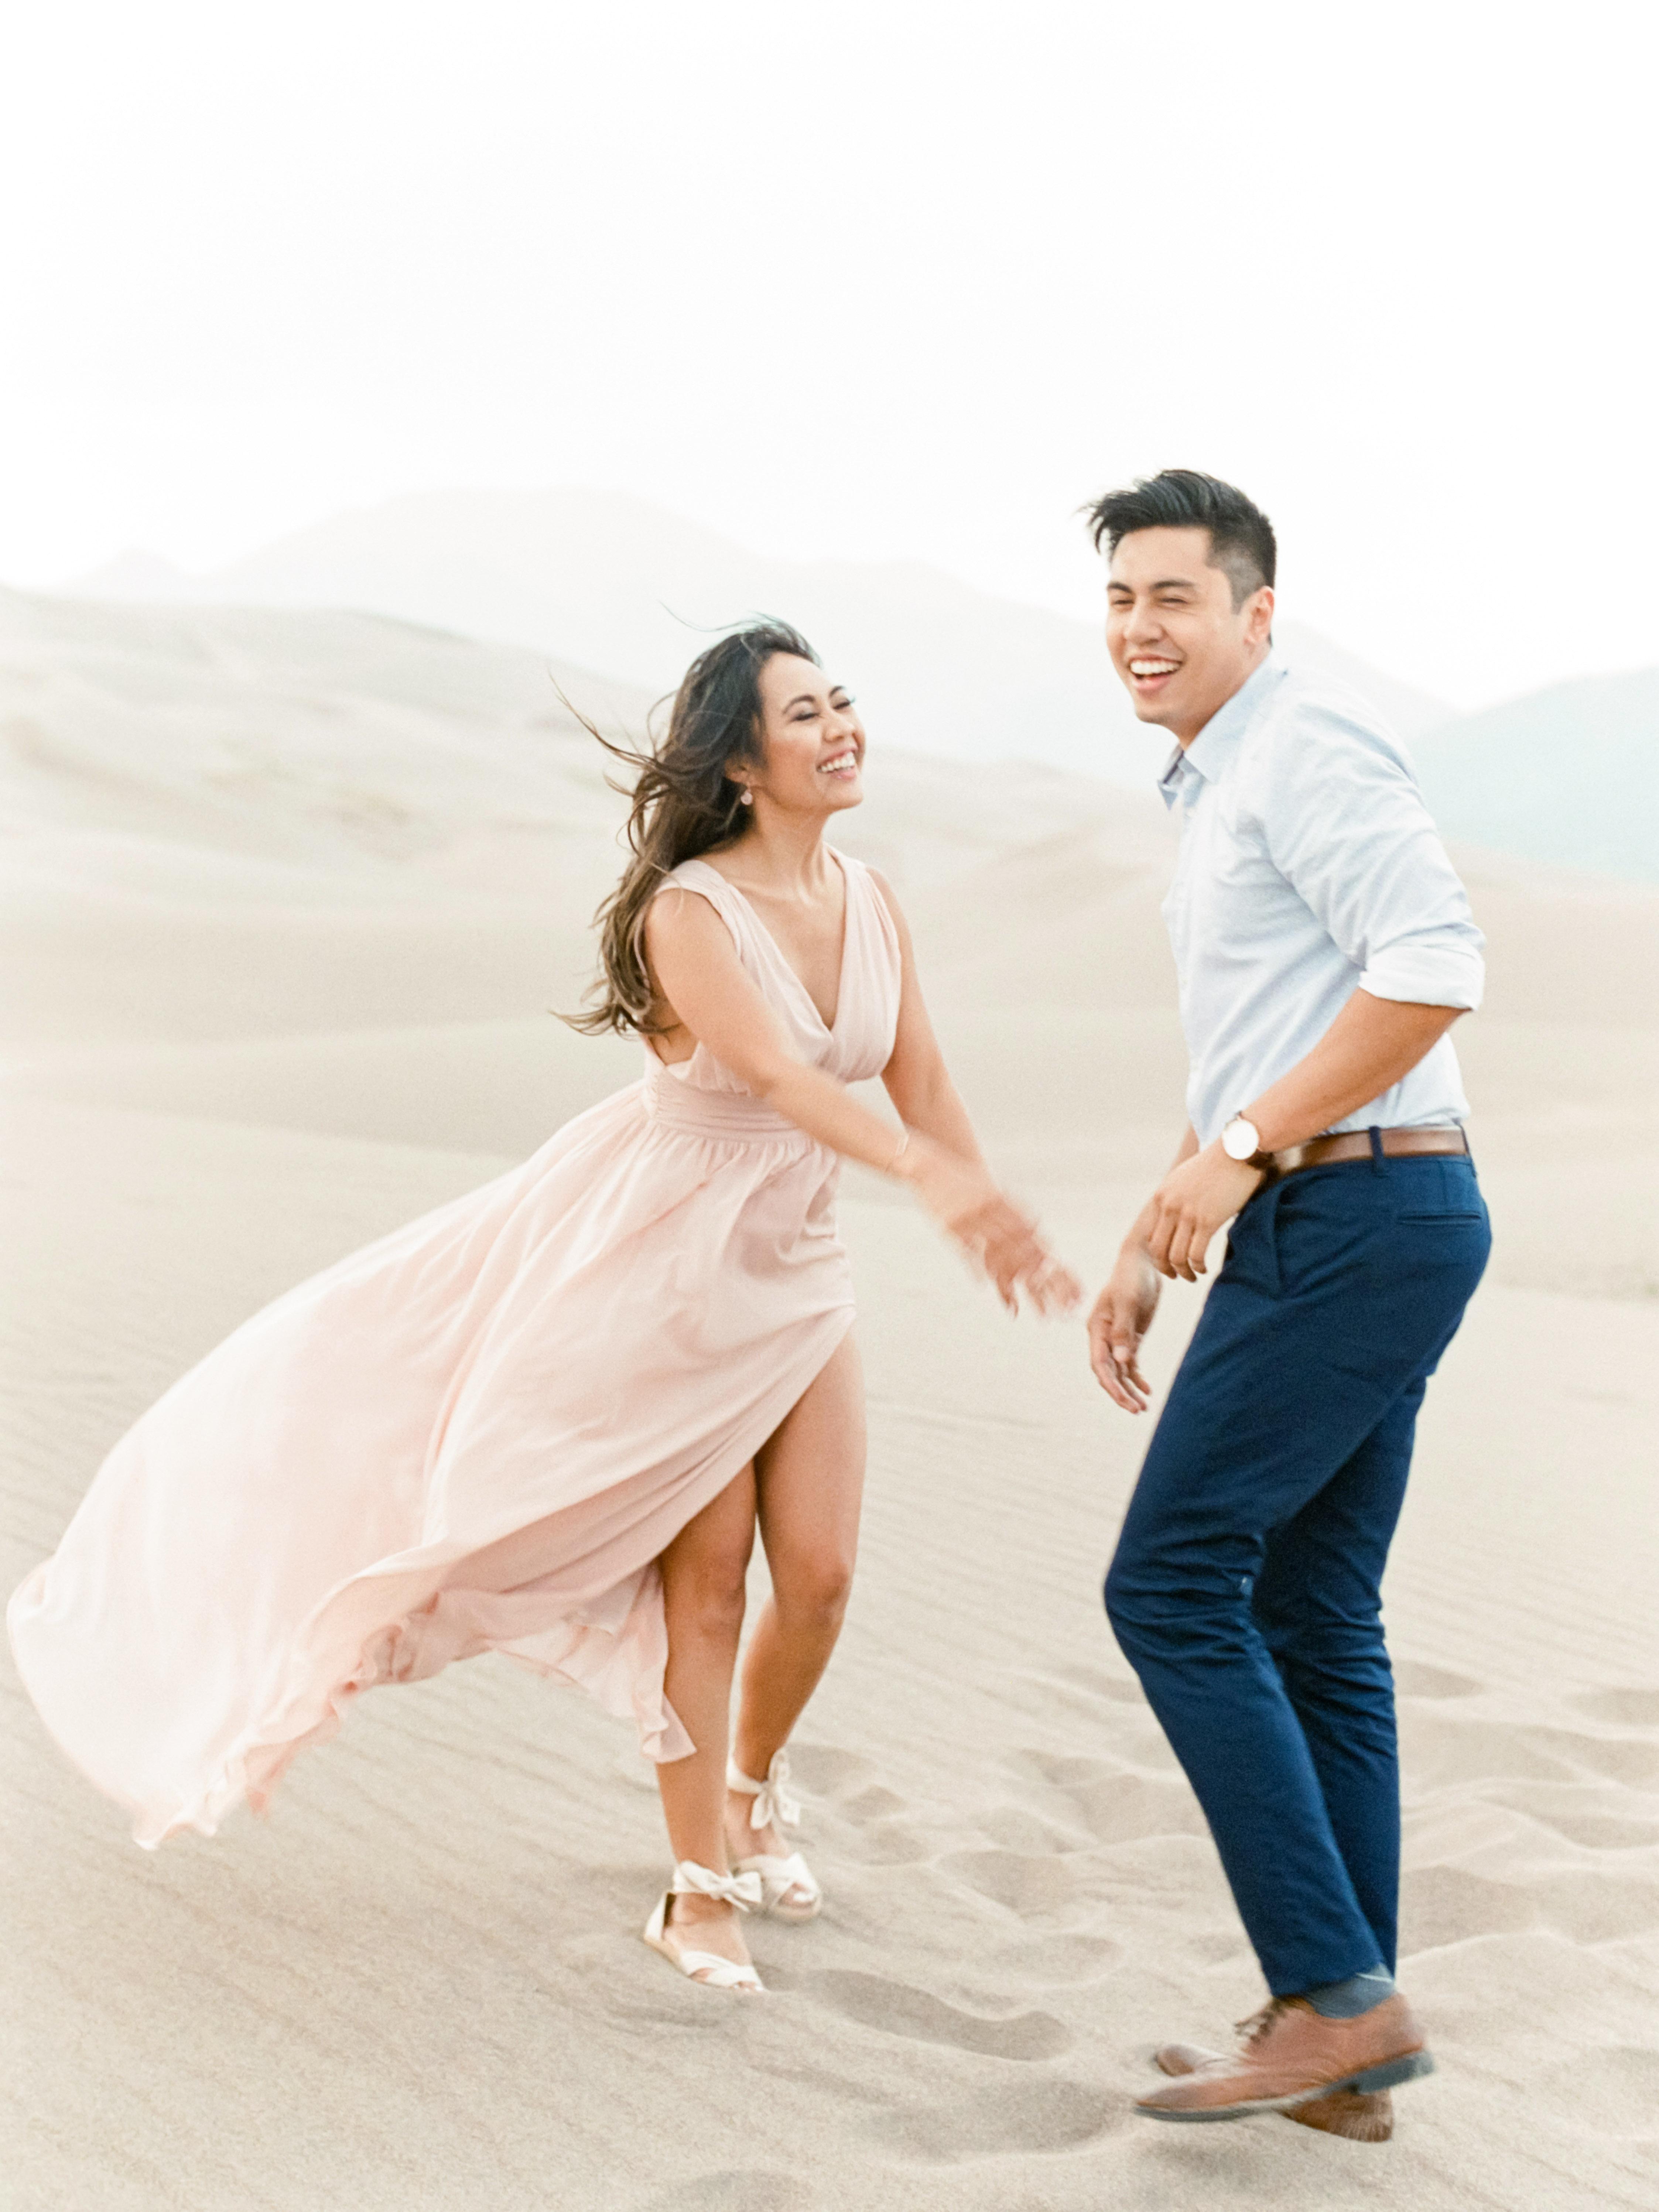 destination engagement couple walking sand dunes colorado